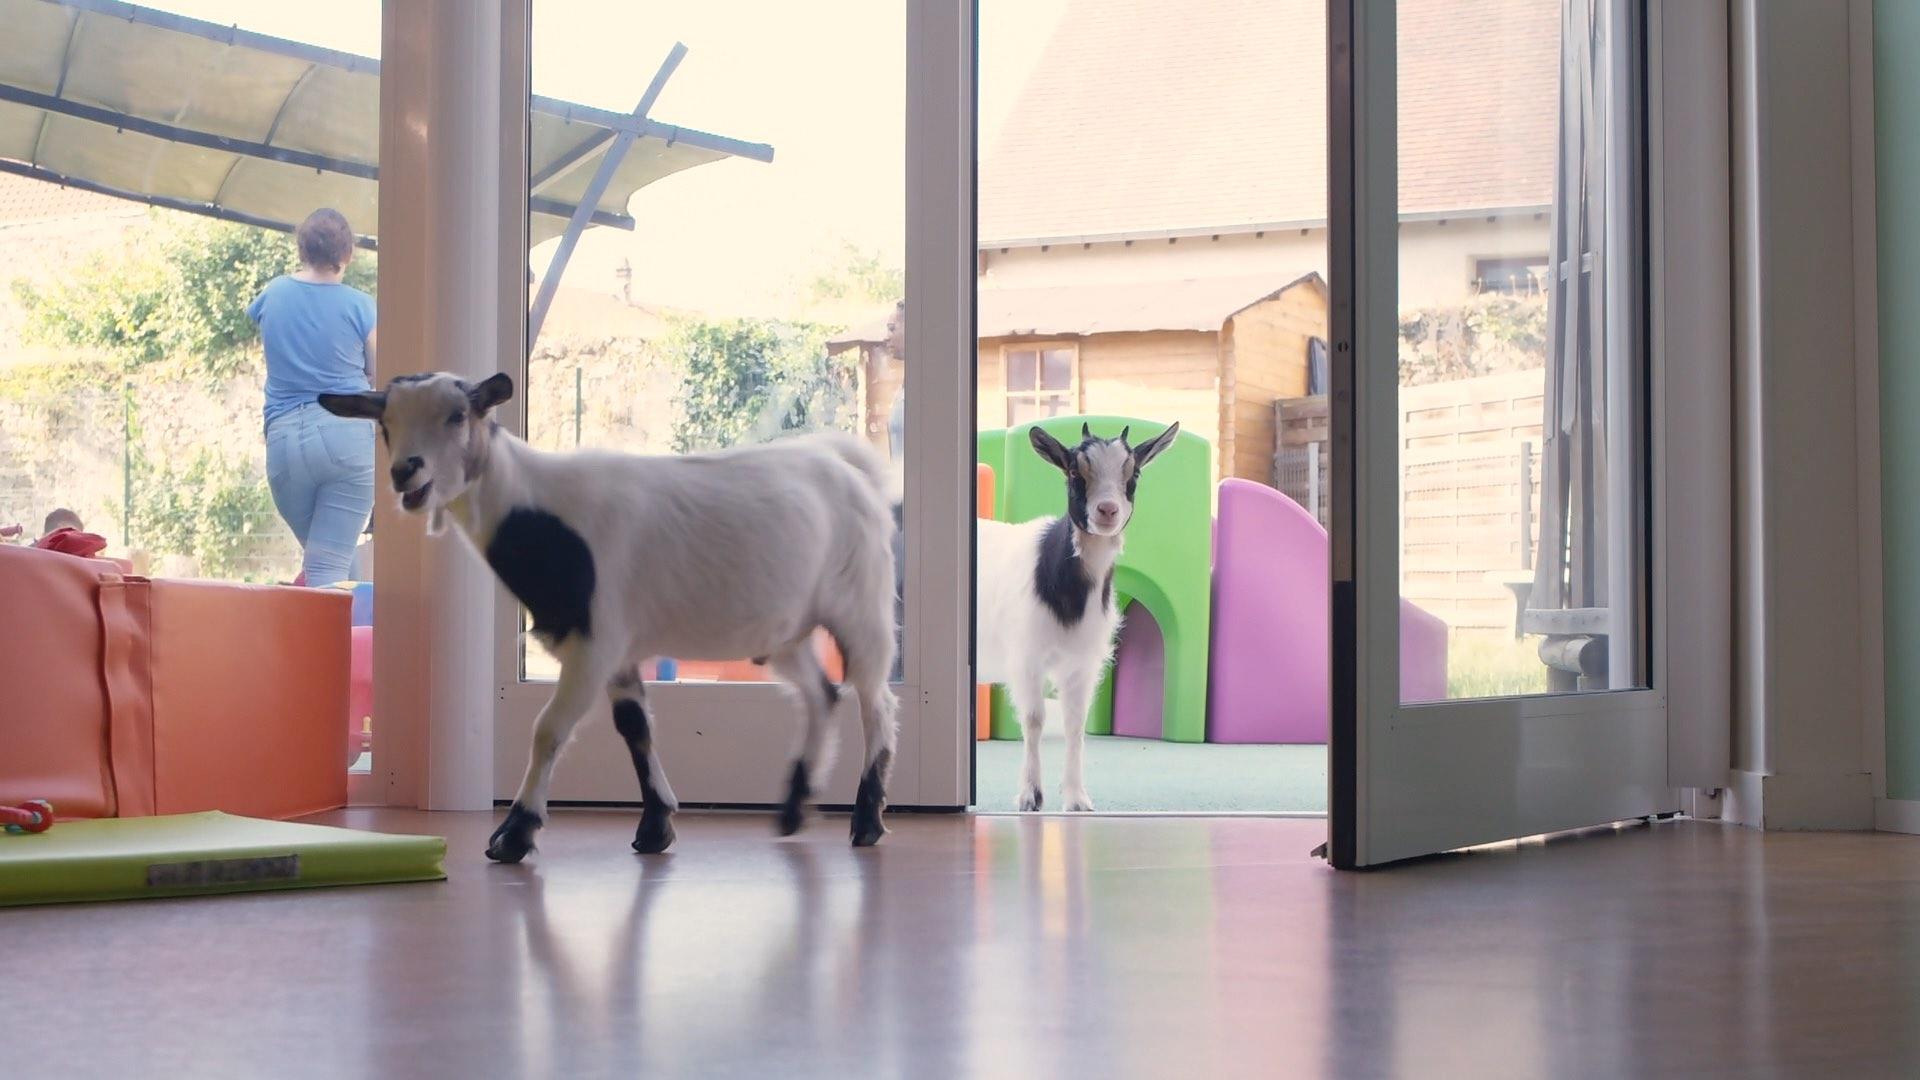 chèvres dans les espaces de vie de la crèche de Marcoussis